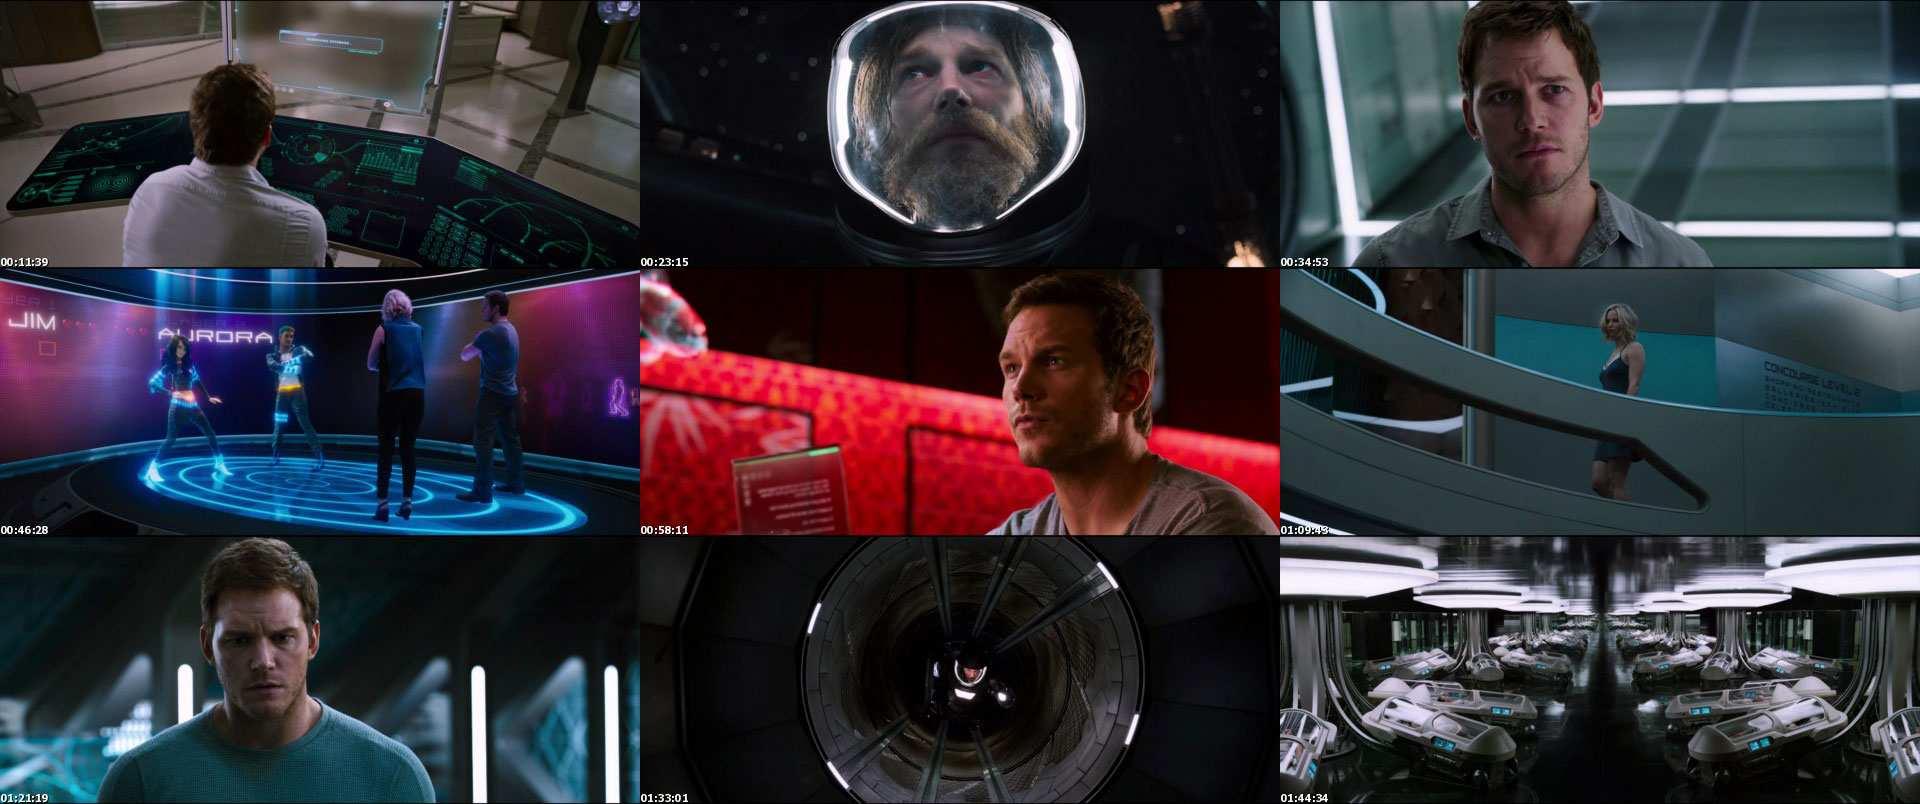 دانلود فيلم passengers 2016